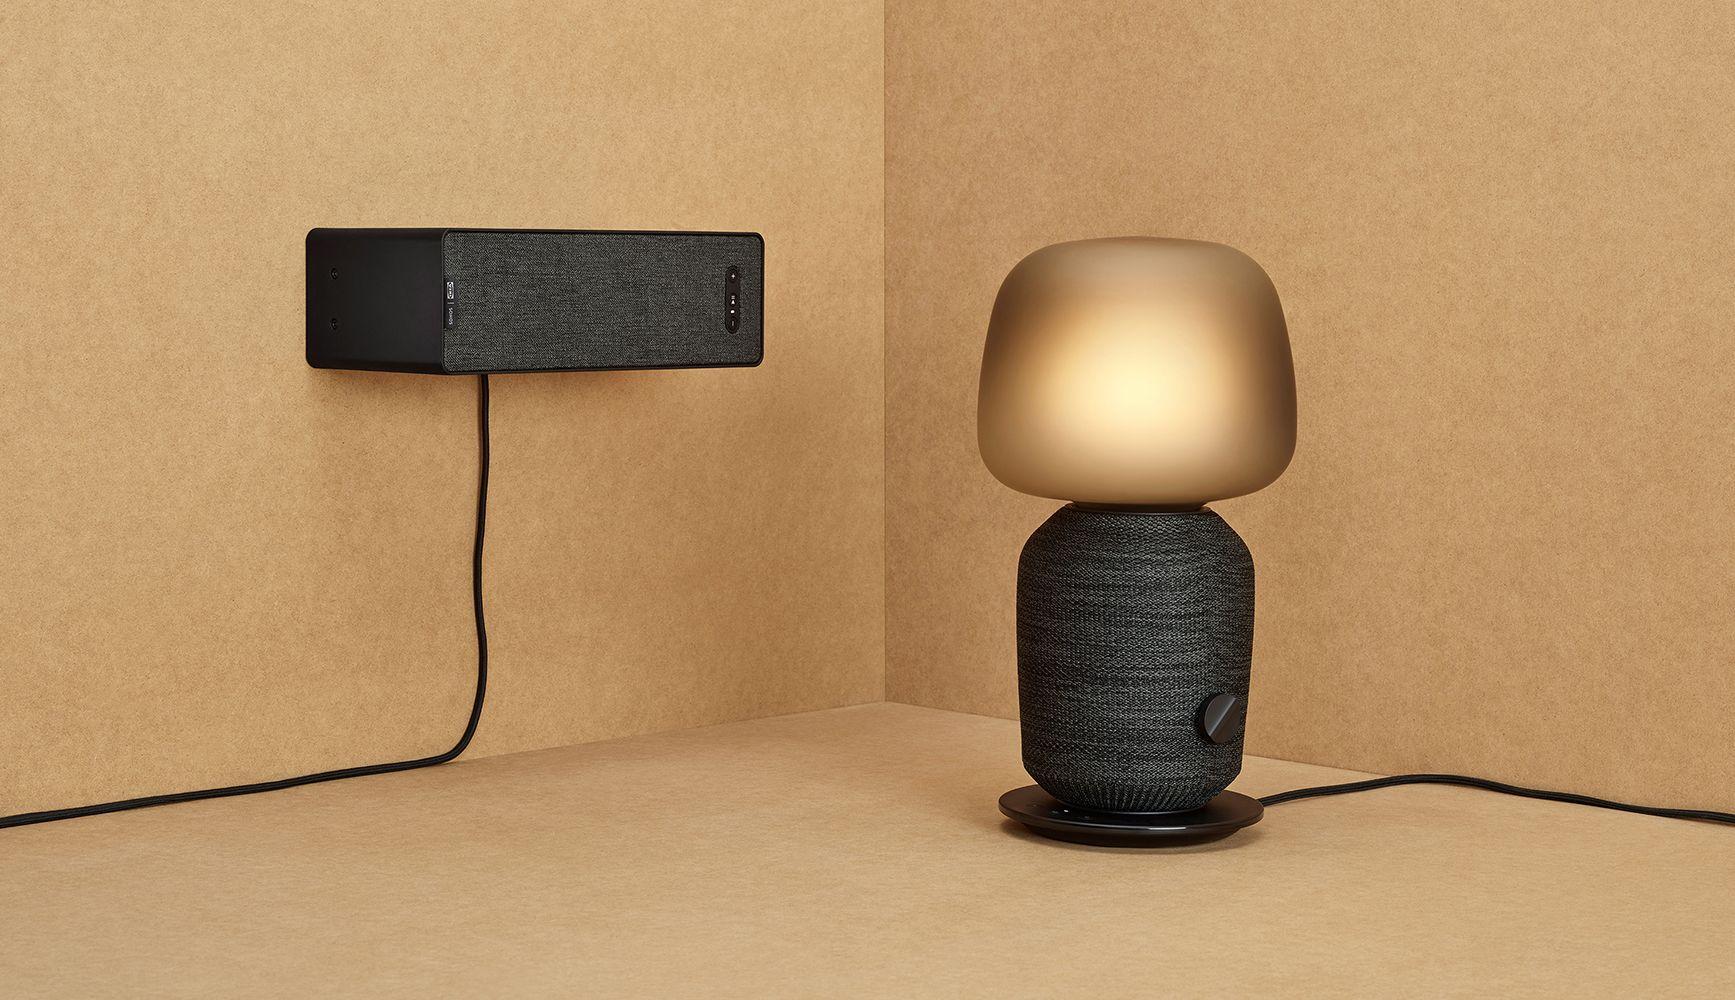 Lampe De Table Et Etagere Haut Parleurs Par Ikea X Sonos Ikea Maison Et Objet Lampes De Table